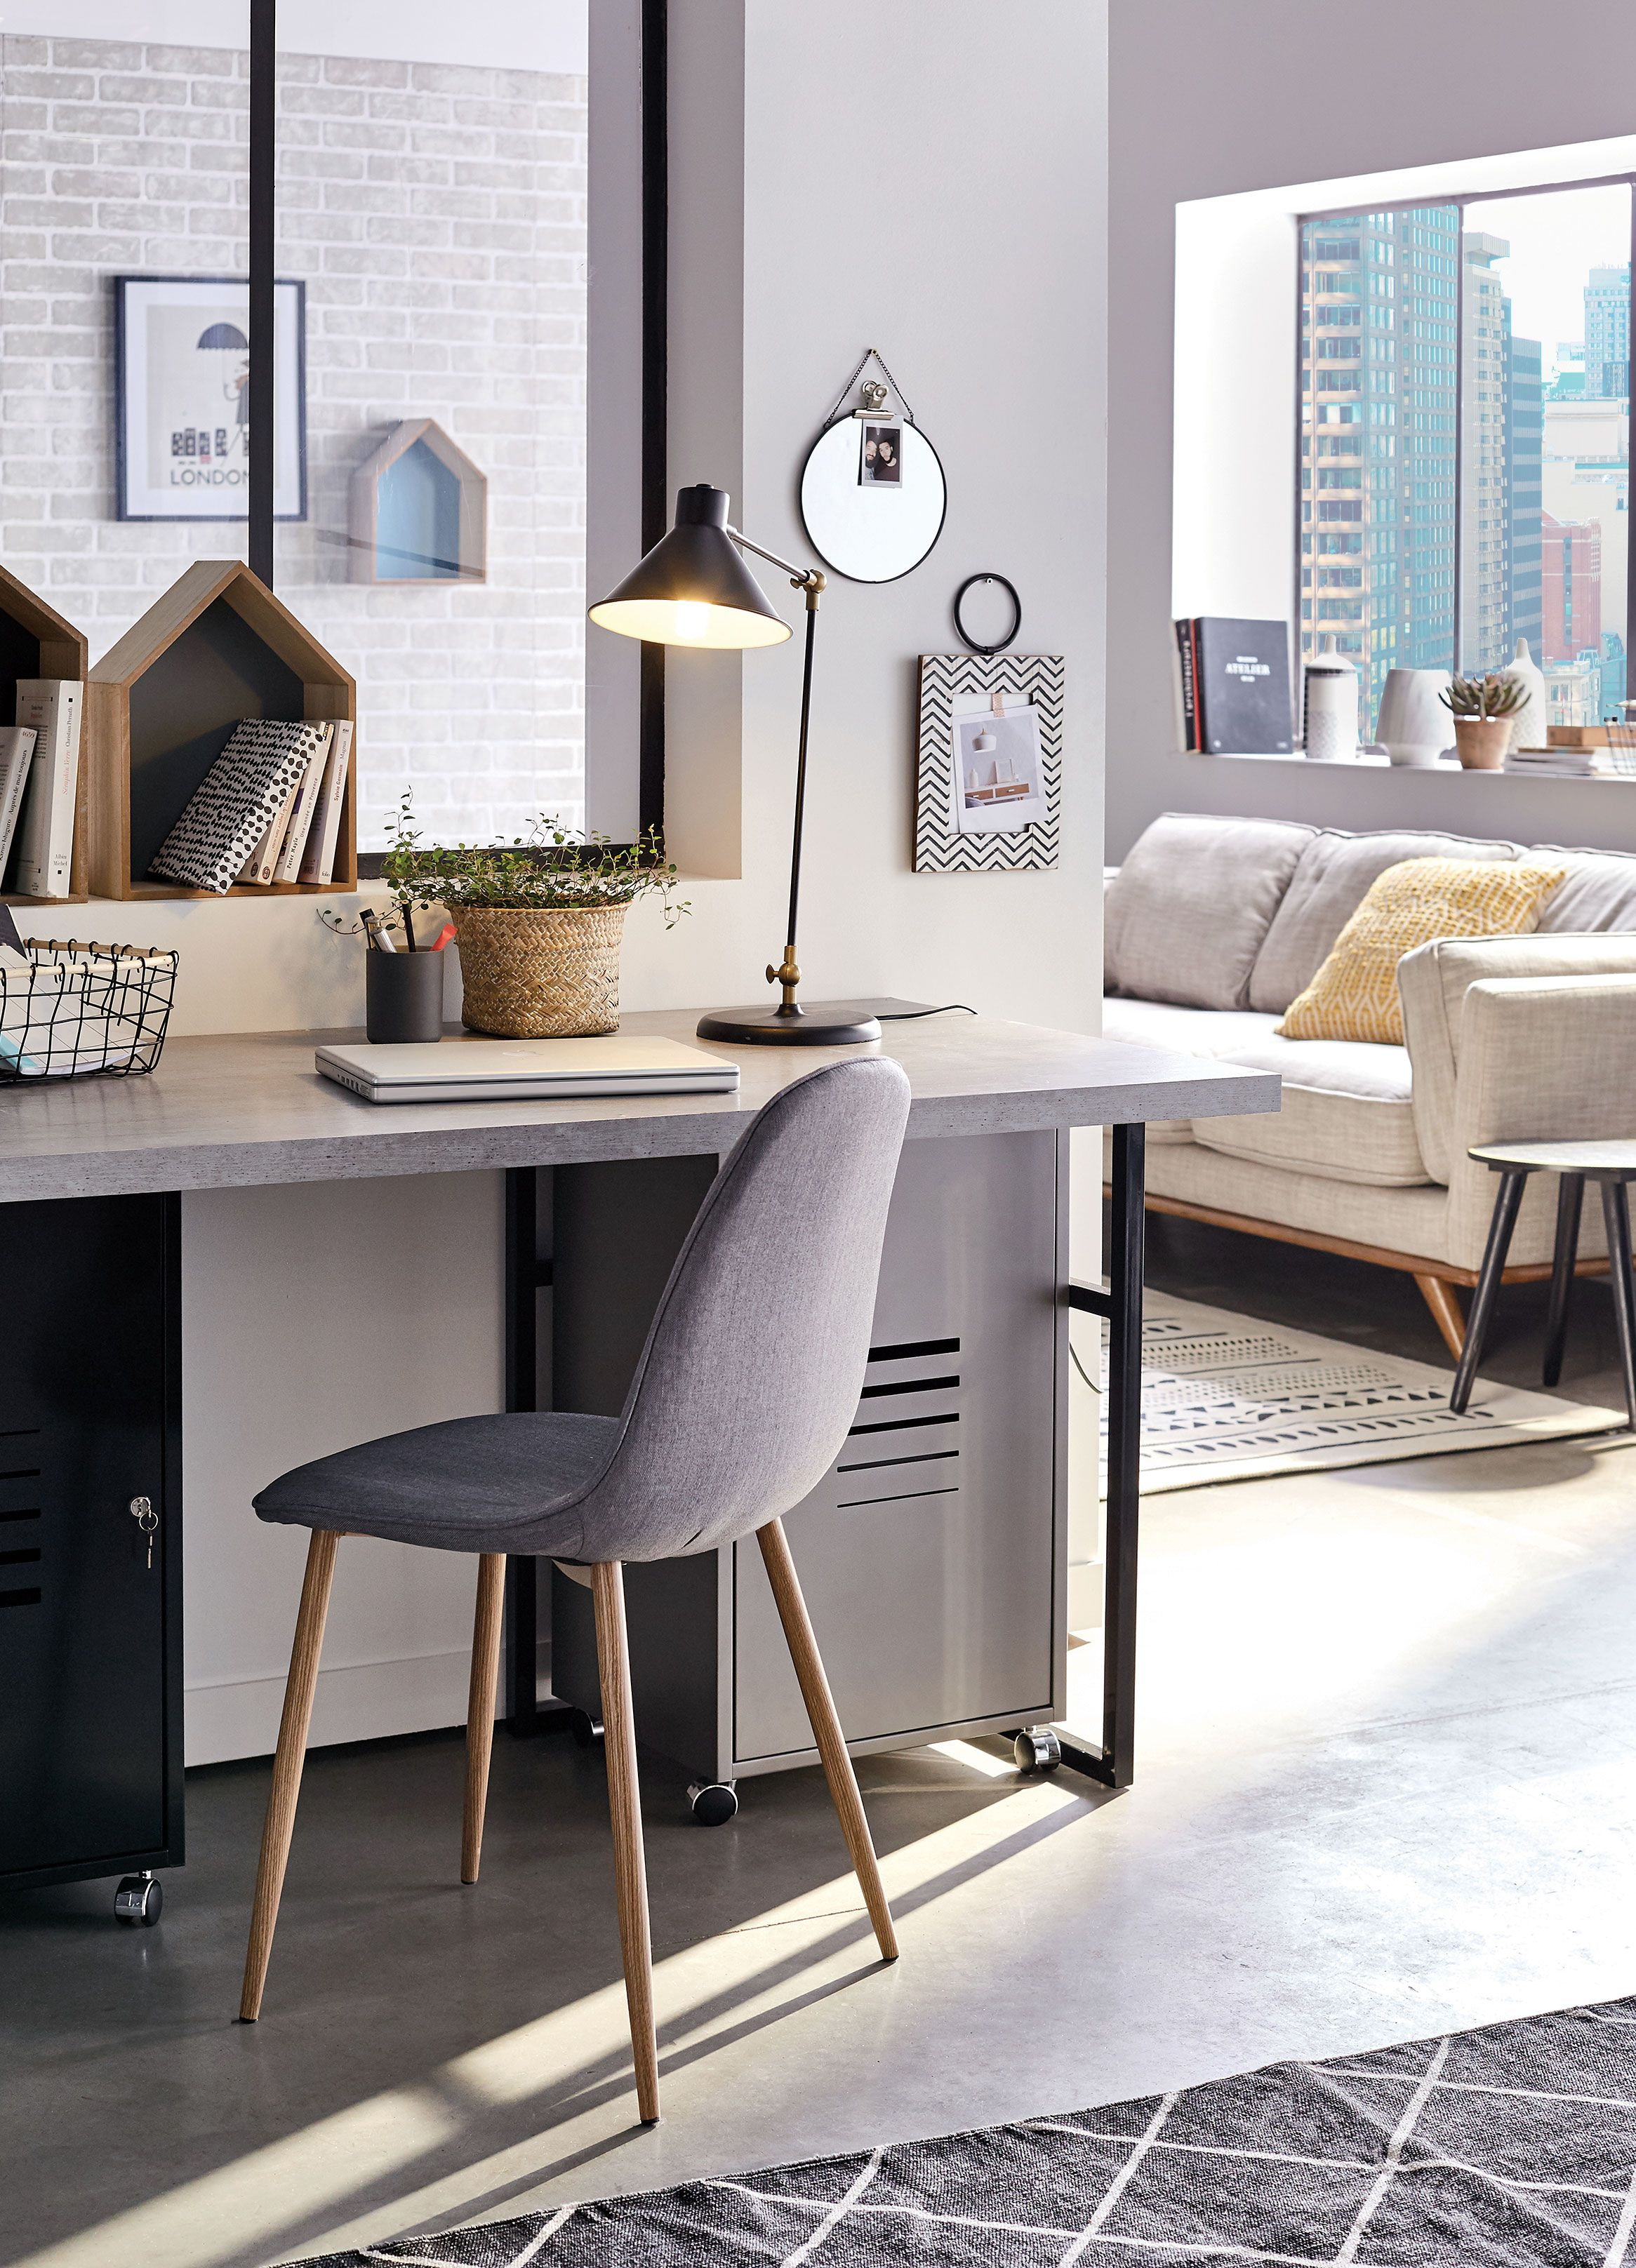 Catalogue Alinea Rentree Des Classes Decoration Deco Maison Canape Angle Convertible Canape Angle Mobilier De Salon